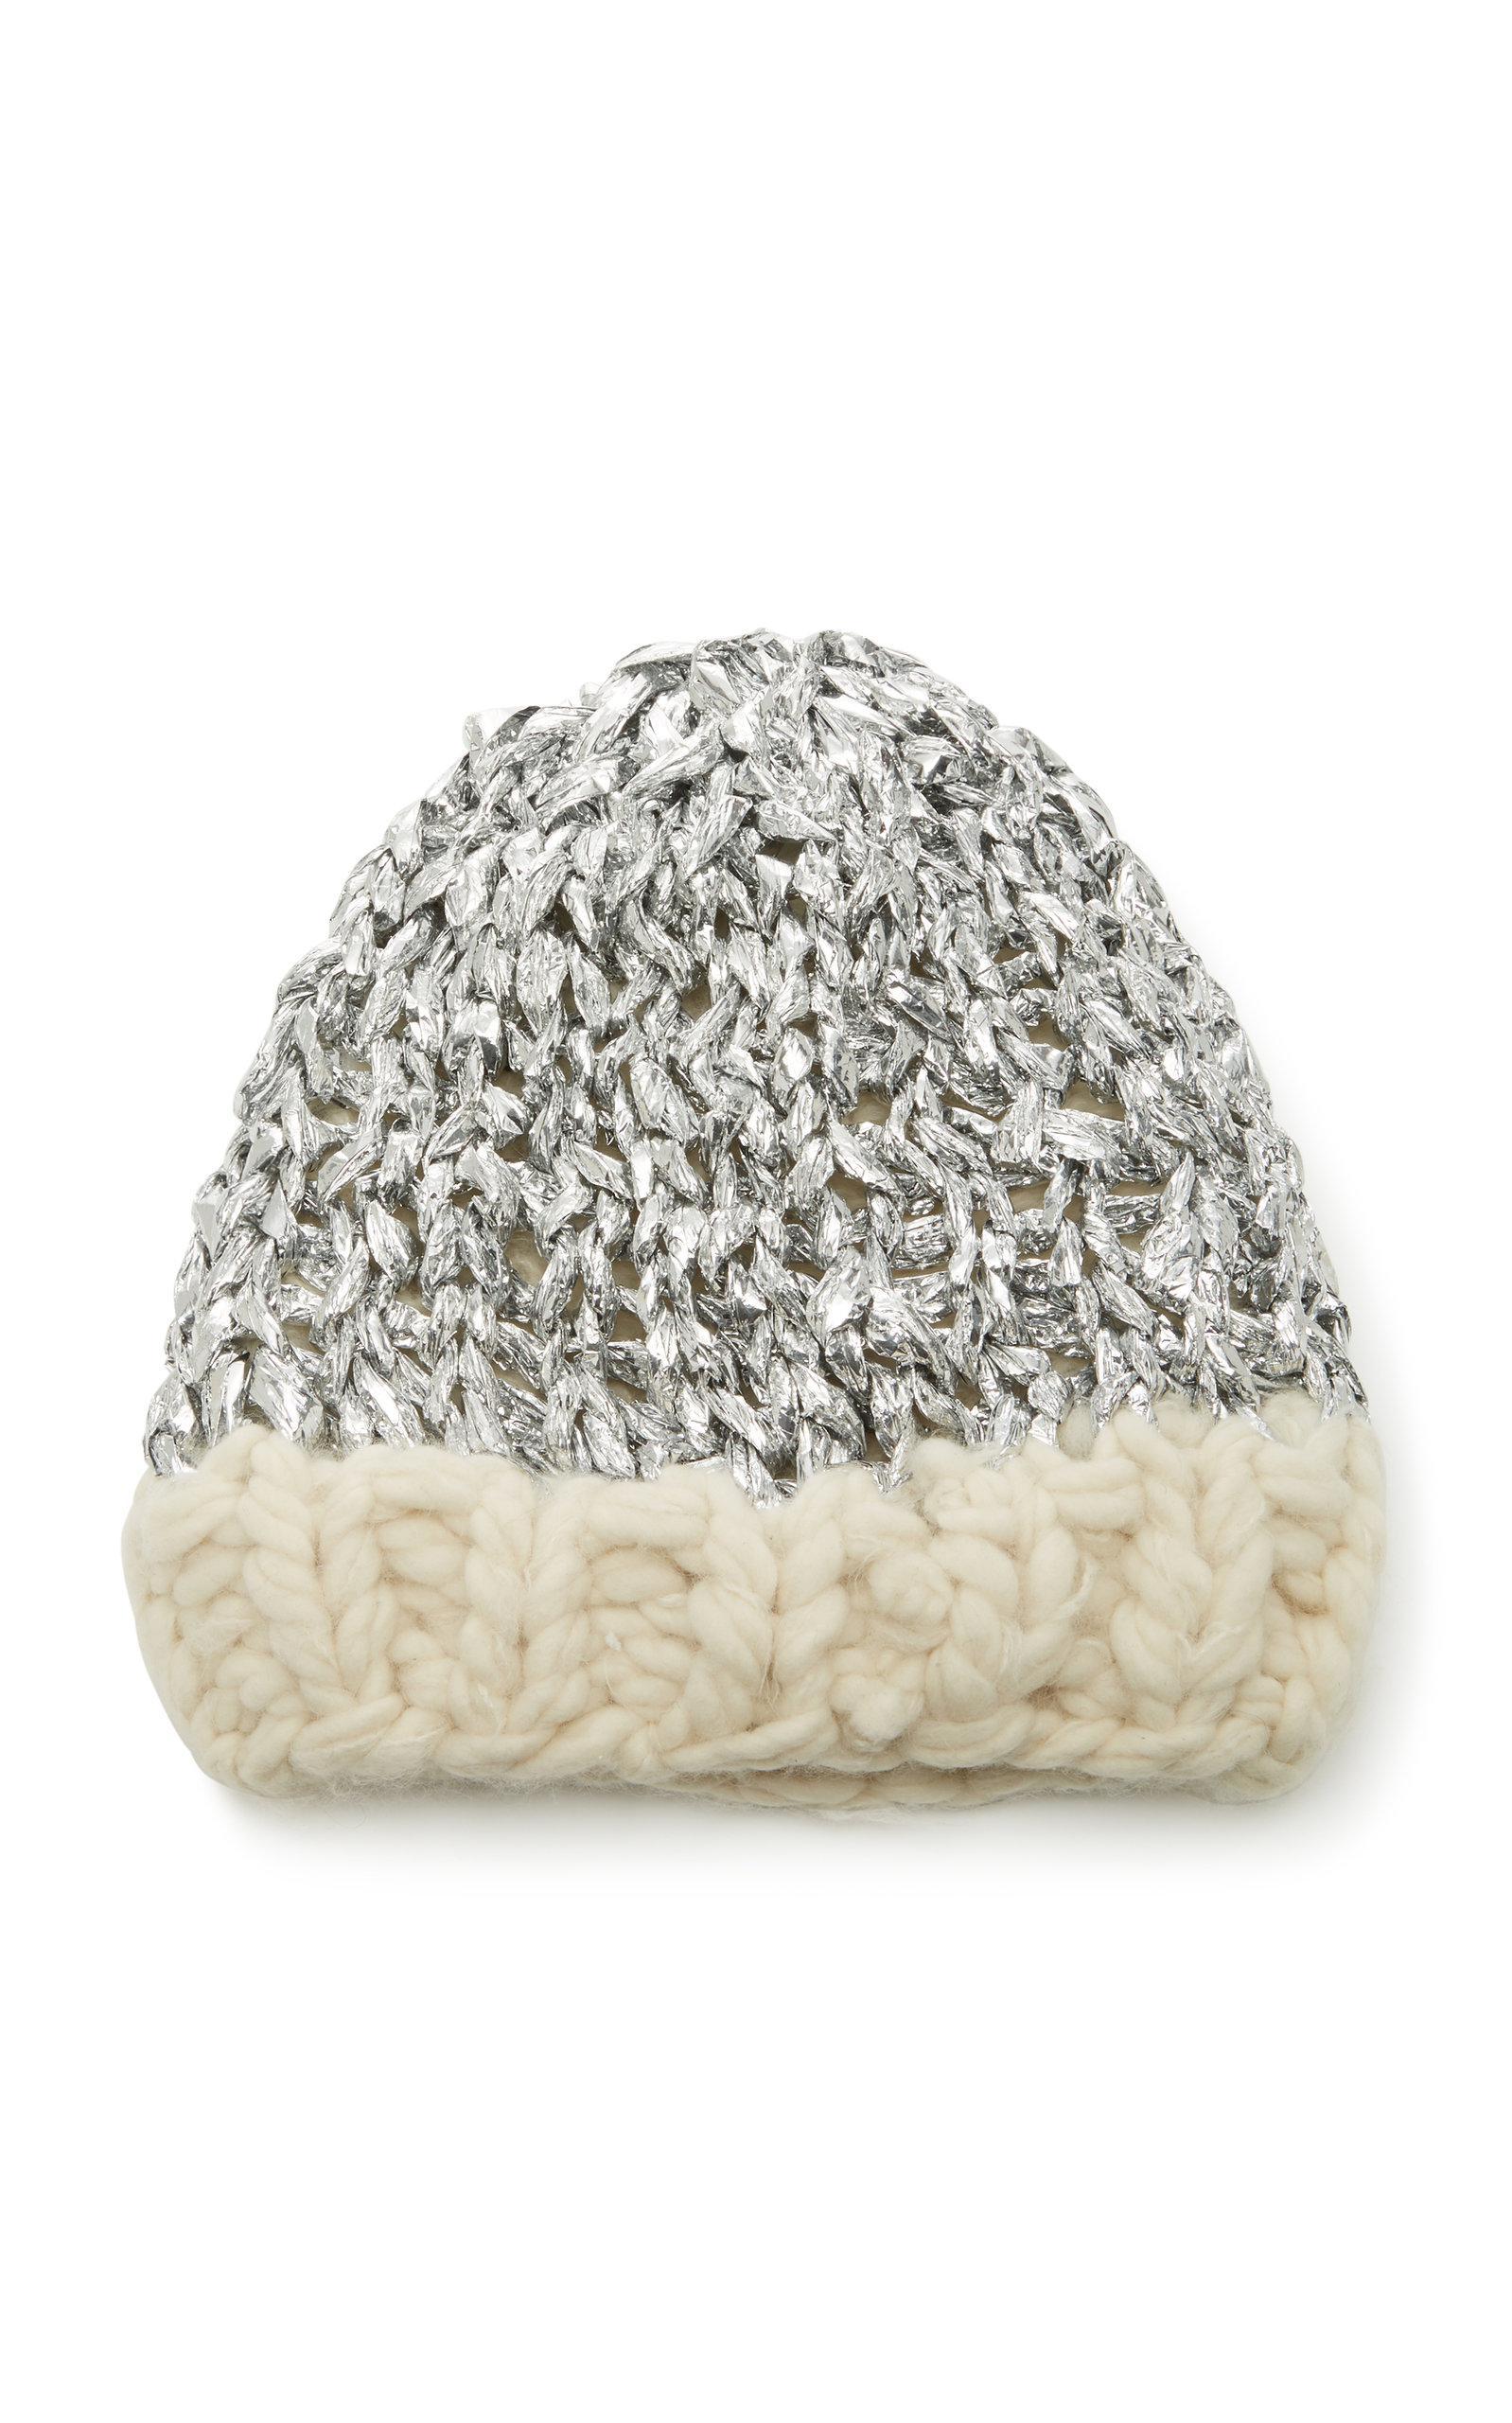 e7aa8d73b37 Yestadt Millinery Mylar Metallic Wool Beanie in Gray - Lyst